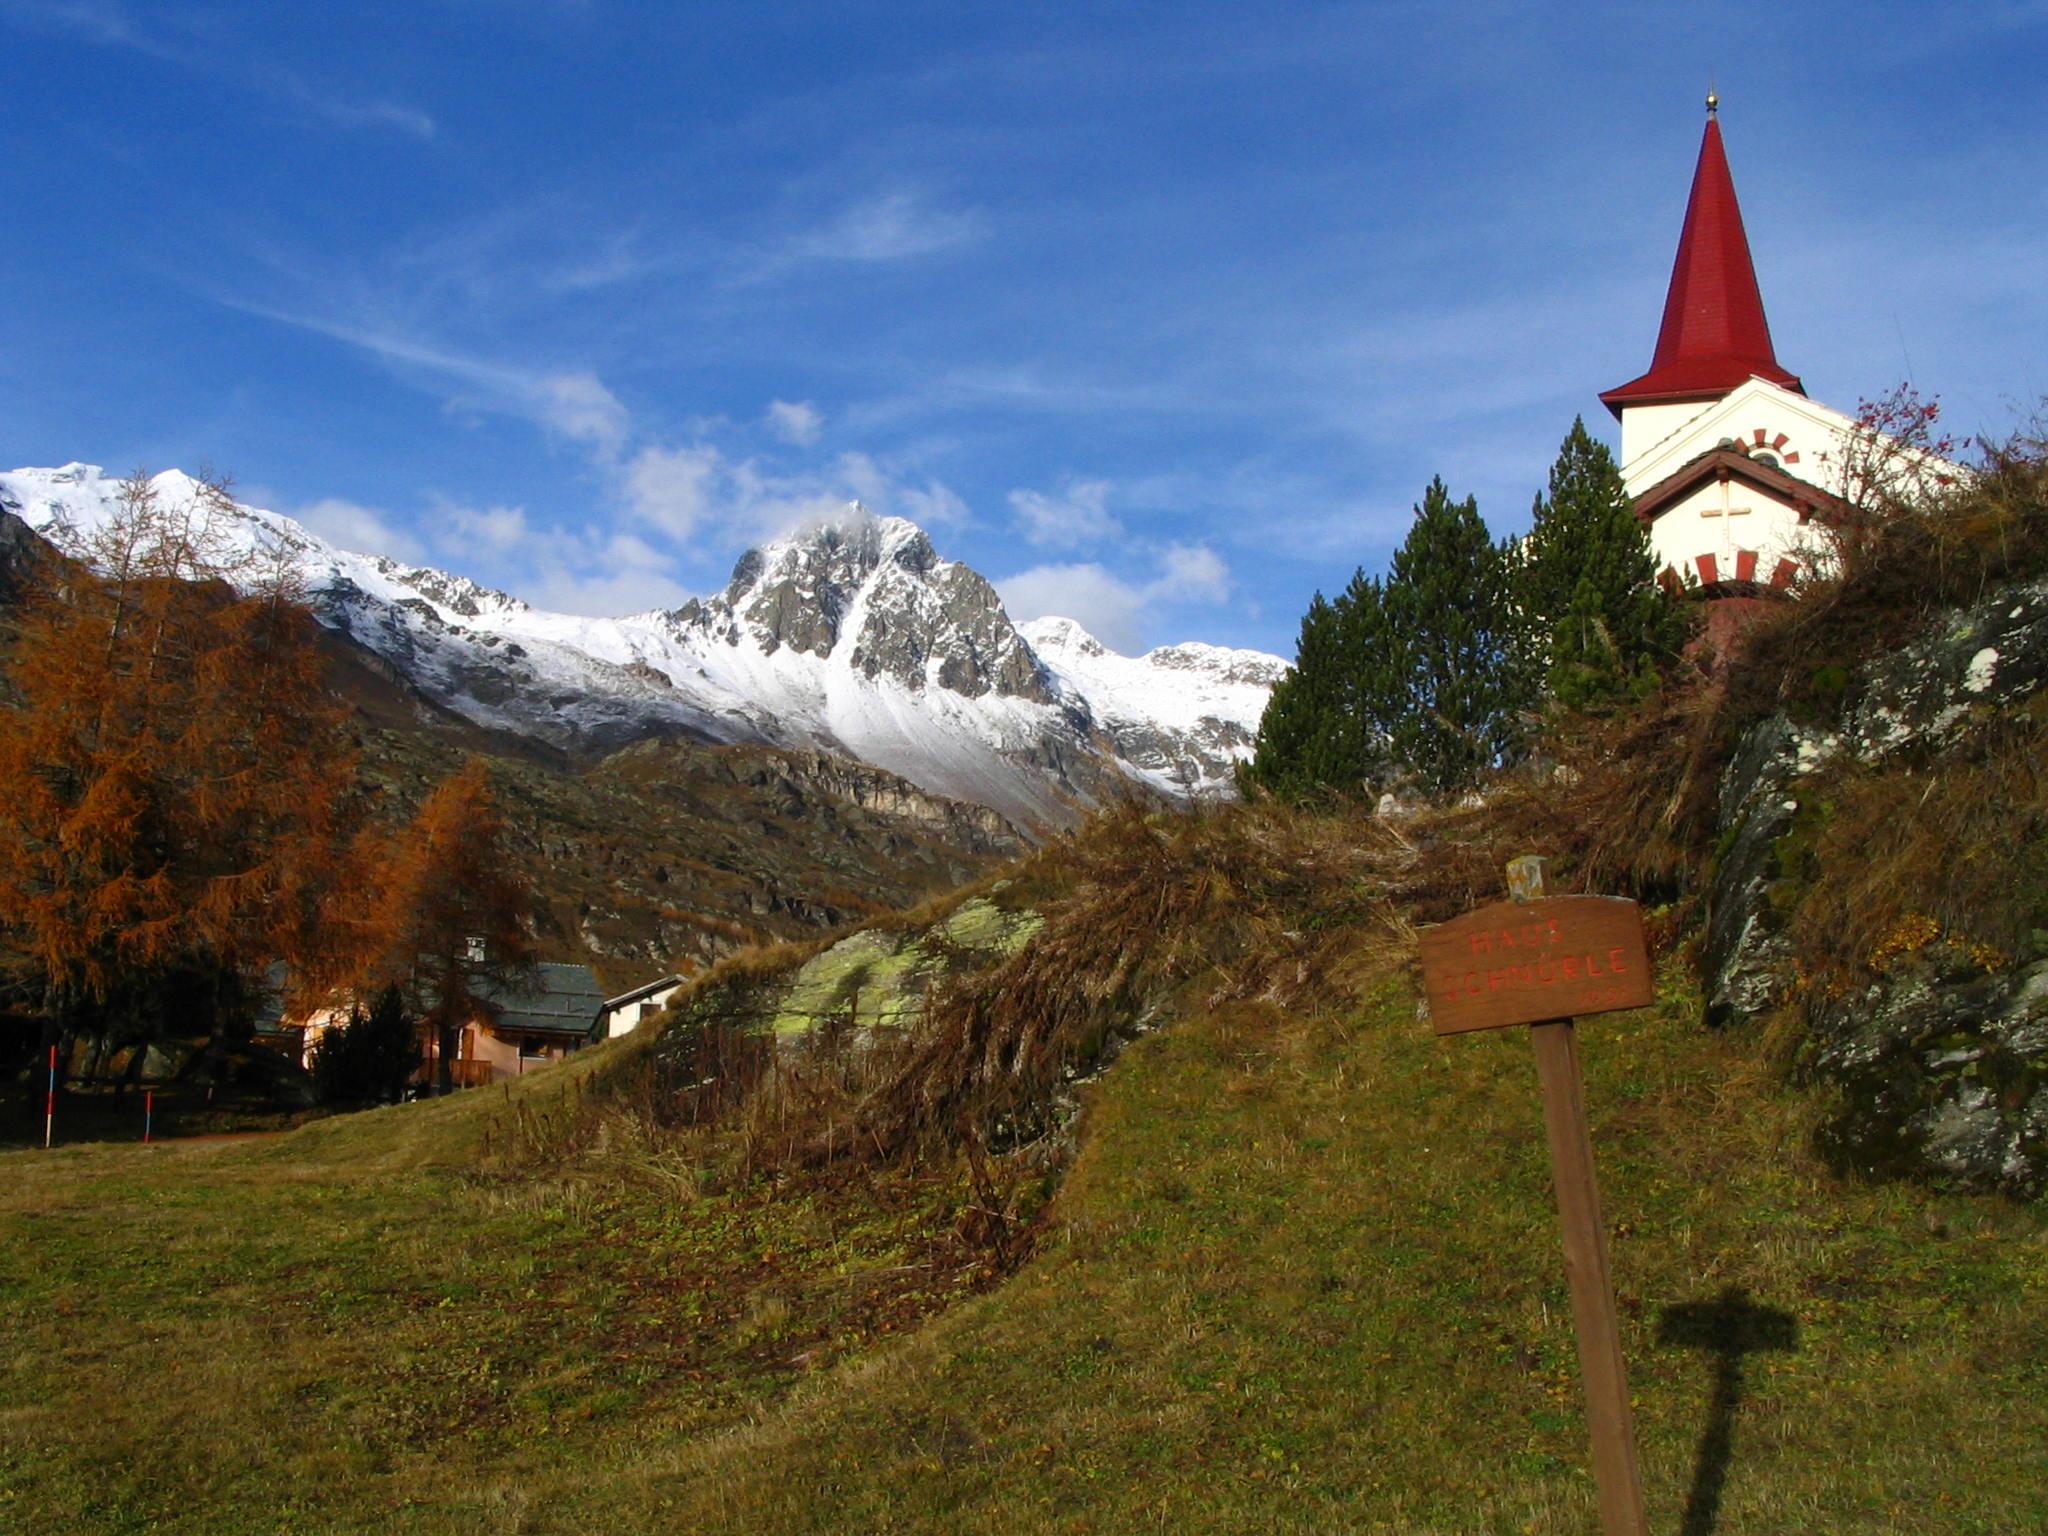 Maloja Switzerland  city photo : Maloja Pass Climb View From The Maloja Pass